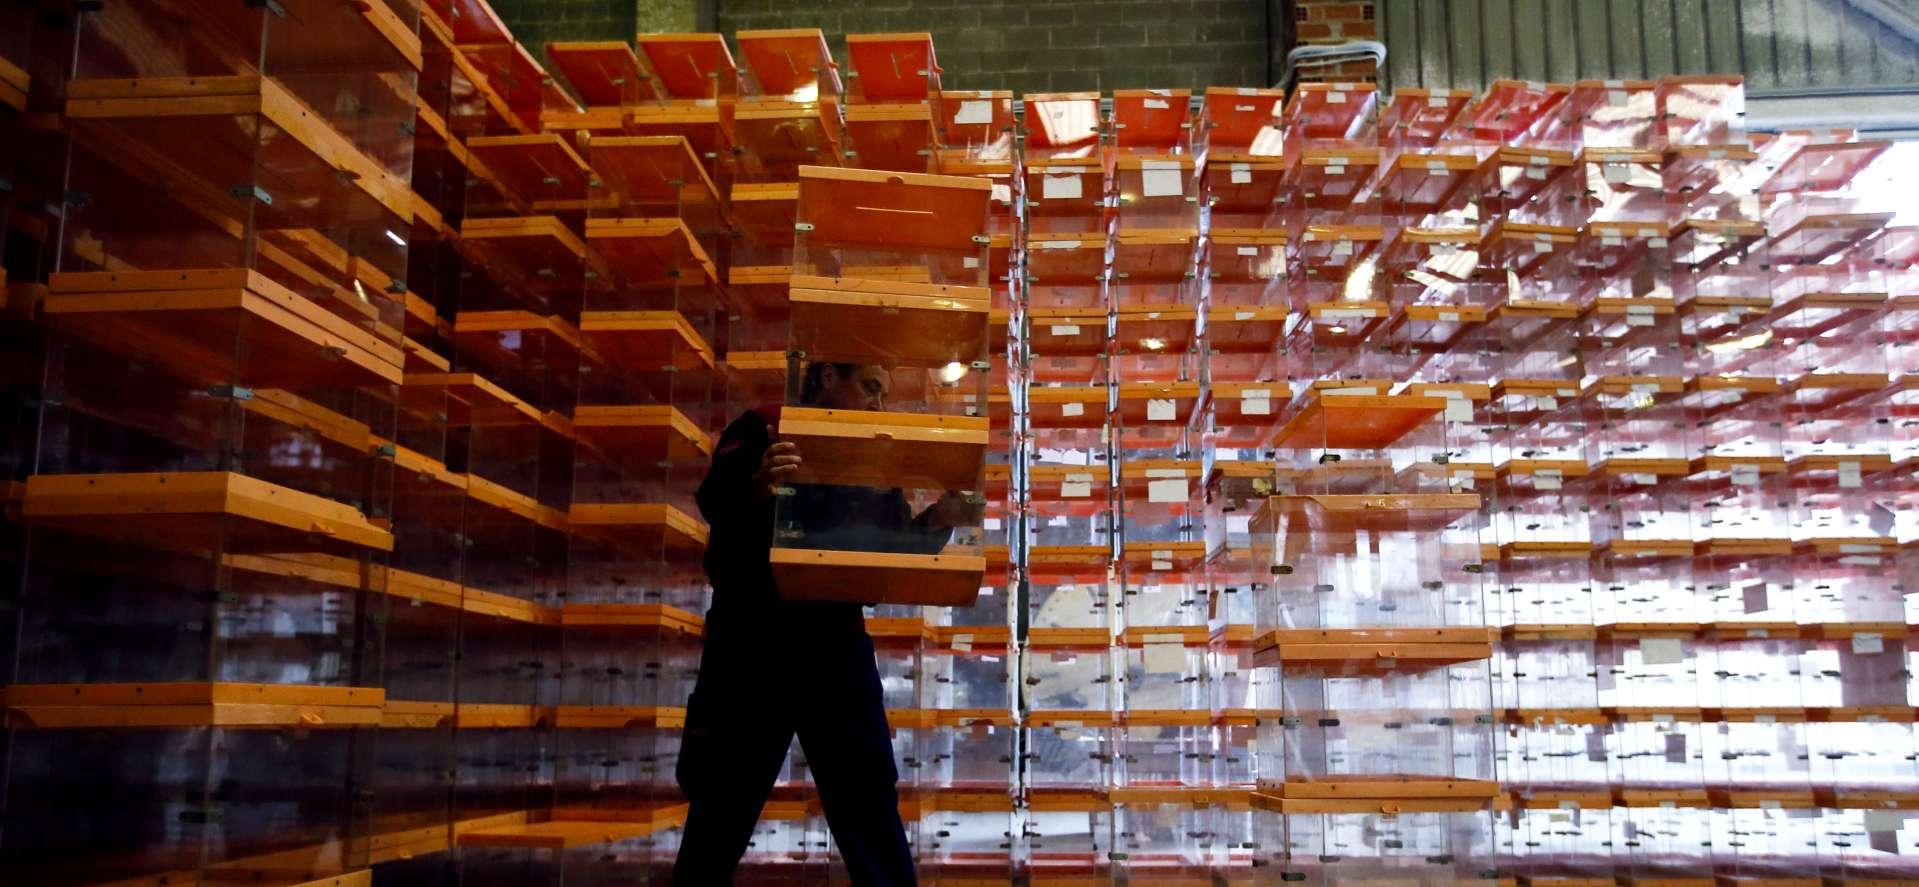 Un trabajador ordena las urnas que se utilizaran en las elecciones el domingo. Albert Gea. Reuters